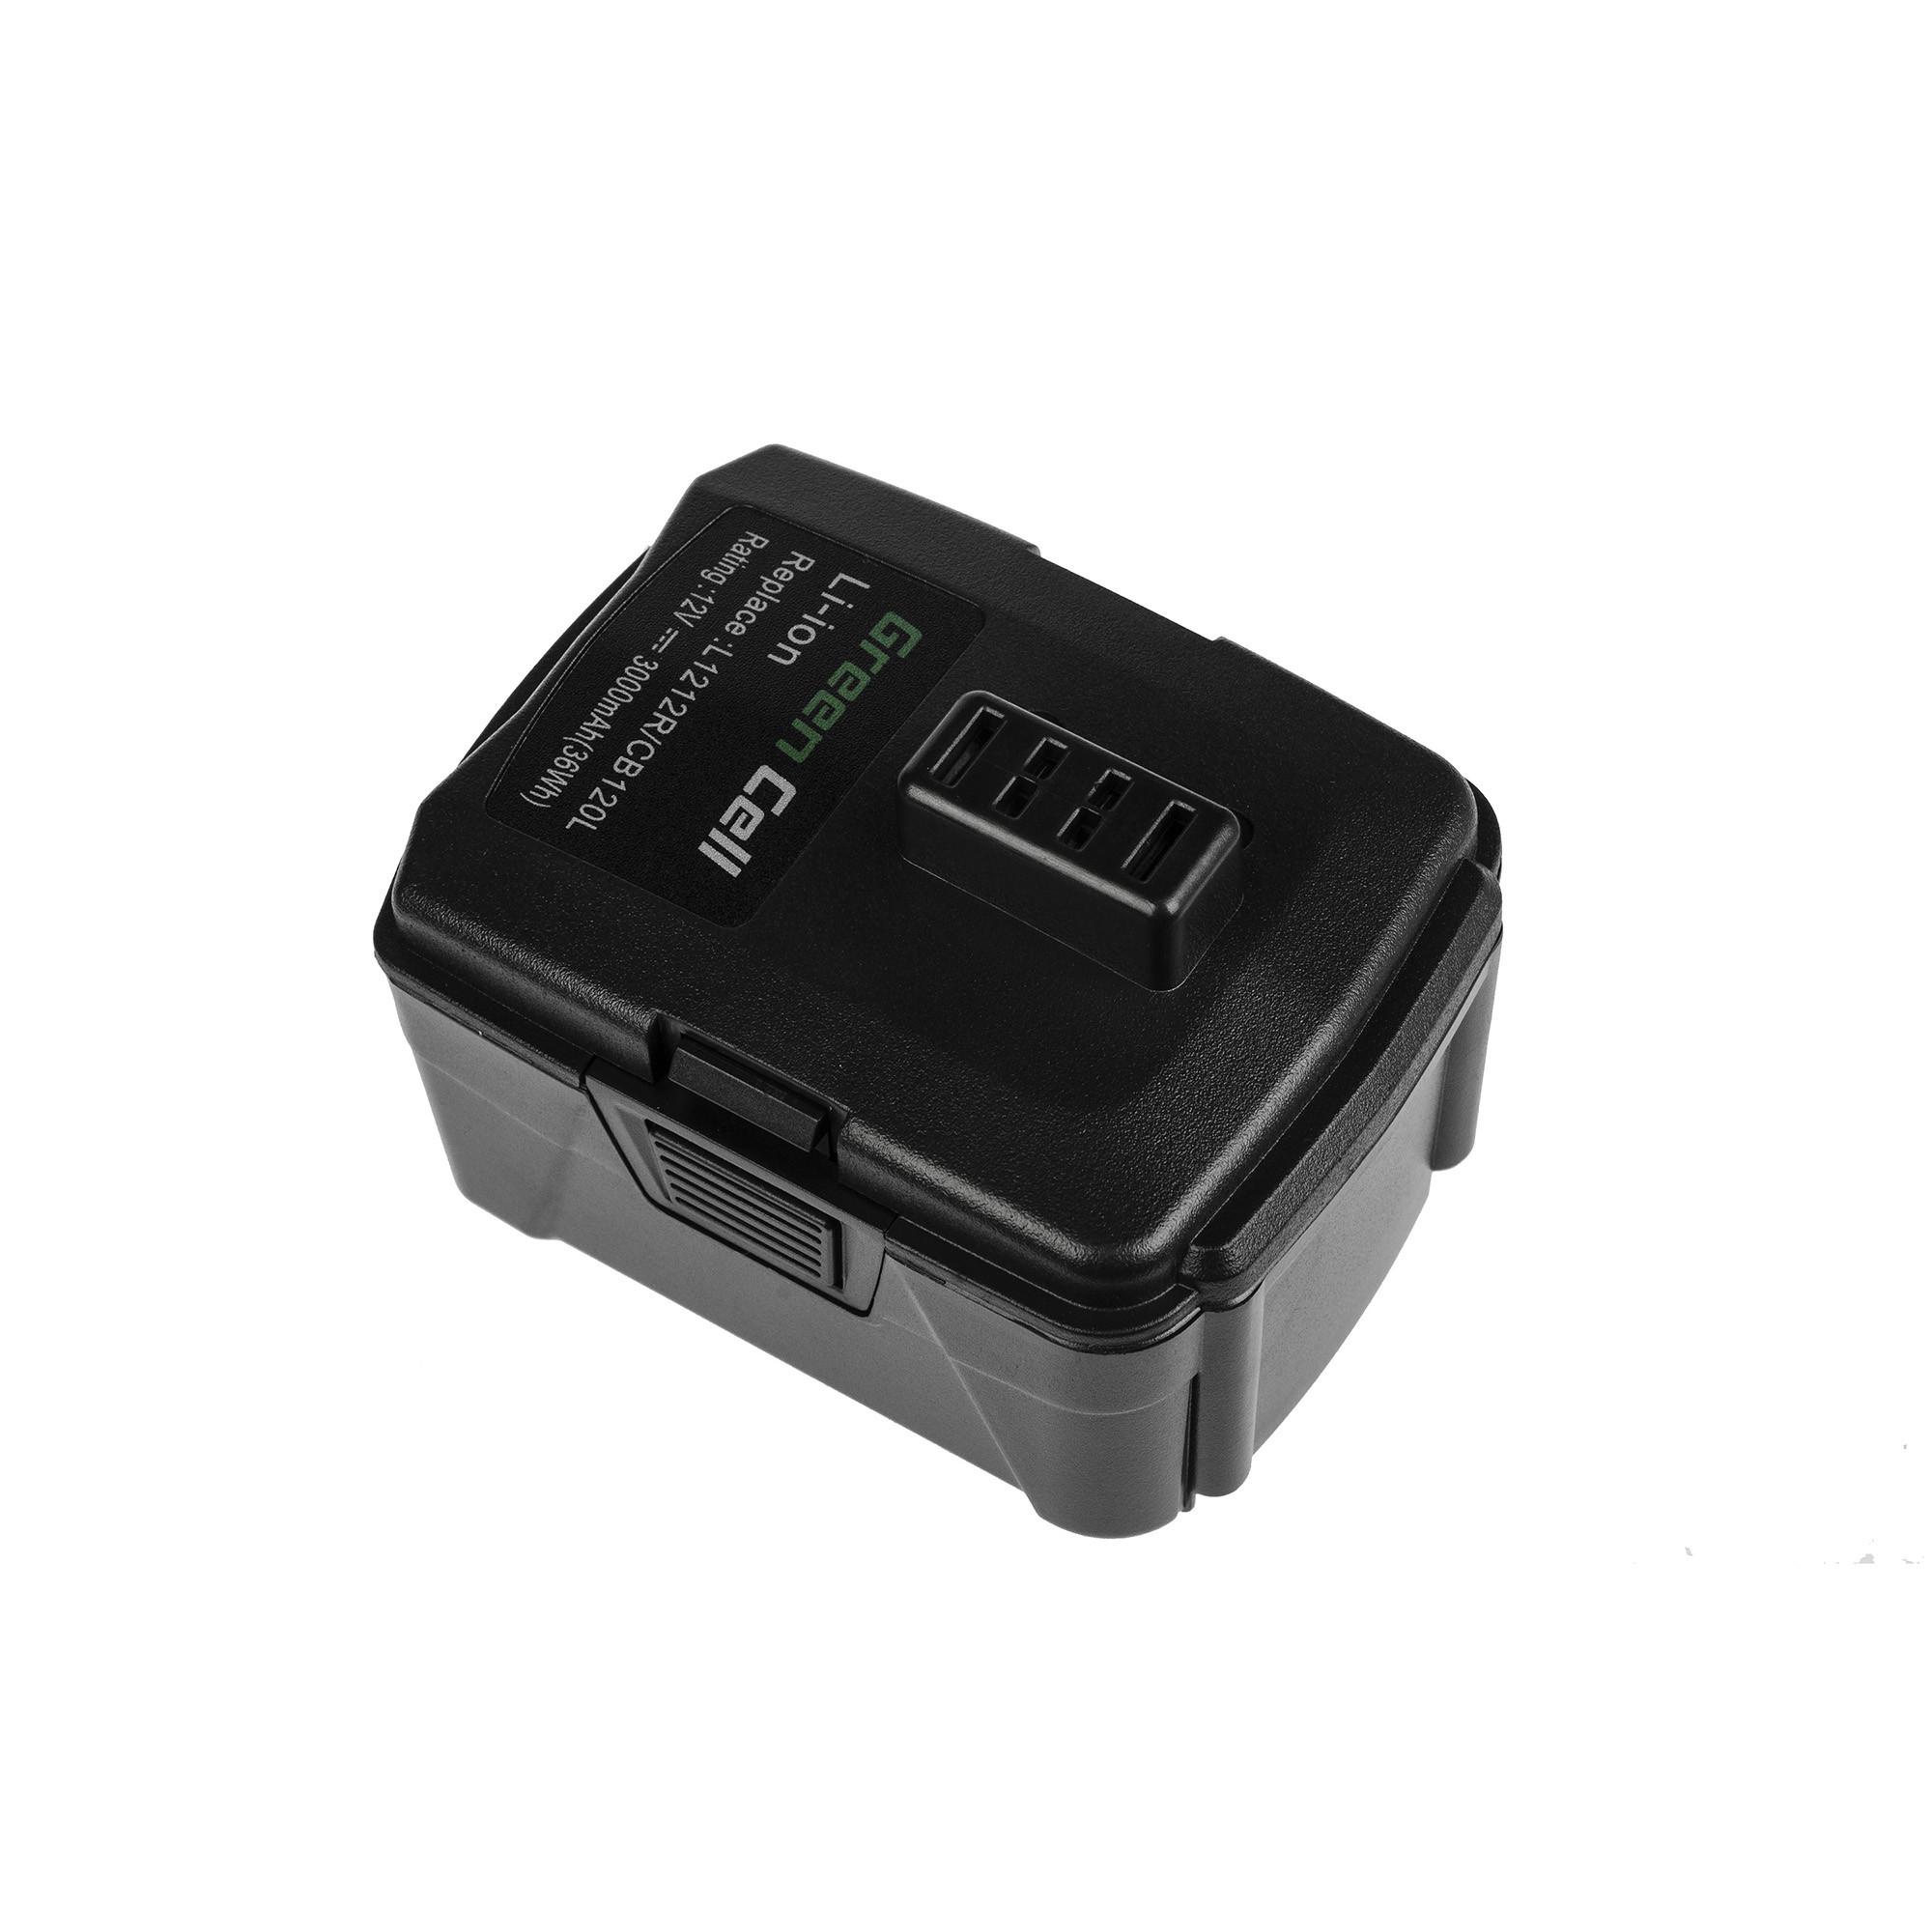 Green Cellverktygsbatteri CB120L BPL-1220 RB12L13 för Ryobi BID1201 CD100 CR1201 HJP001 HJP002 HJP003 HJP004